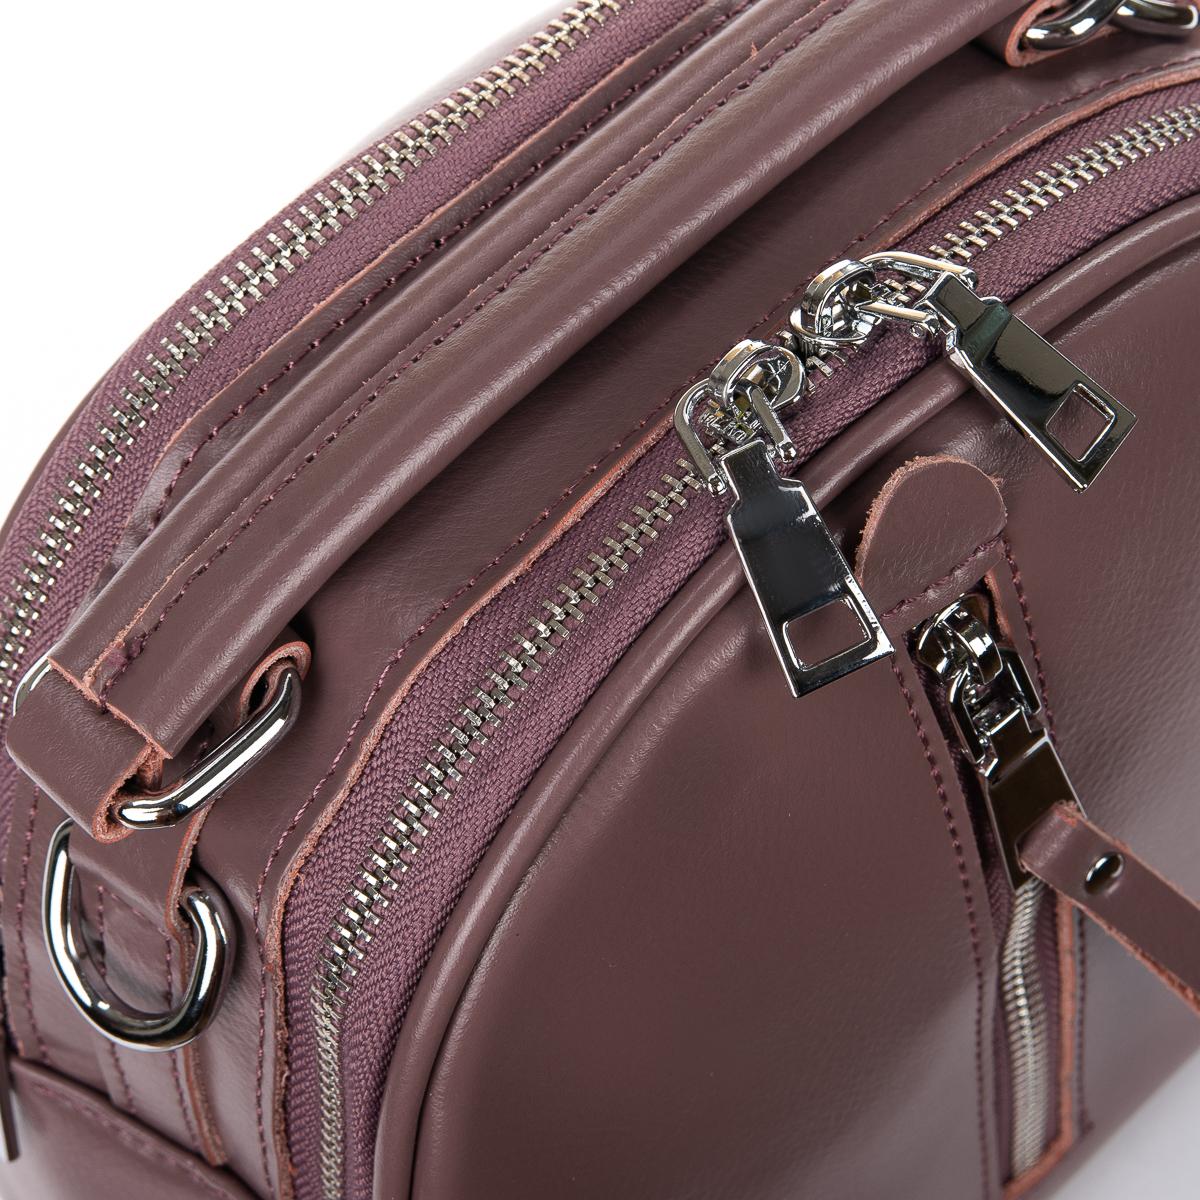 Сумка Женская Клатч кожа ALEX RAI 06-1 339 purple - фото 3